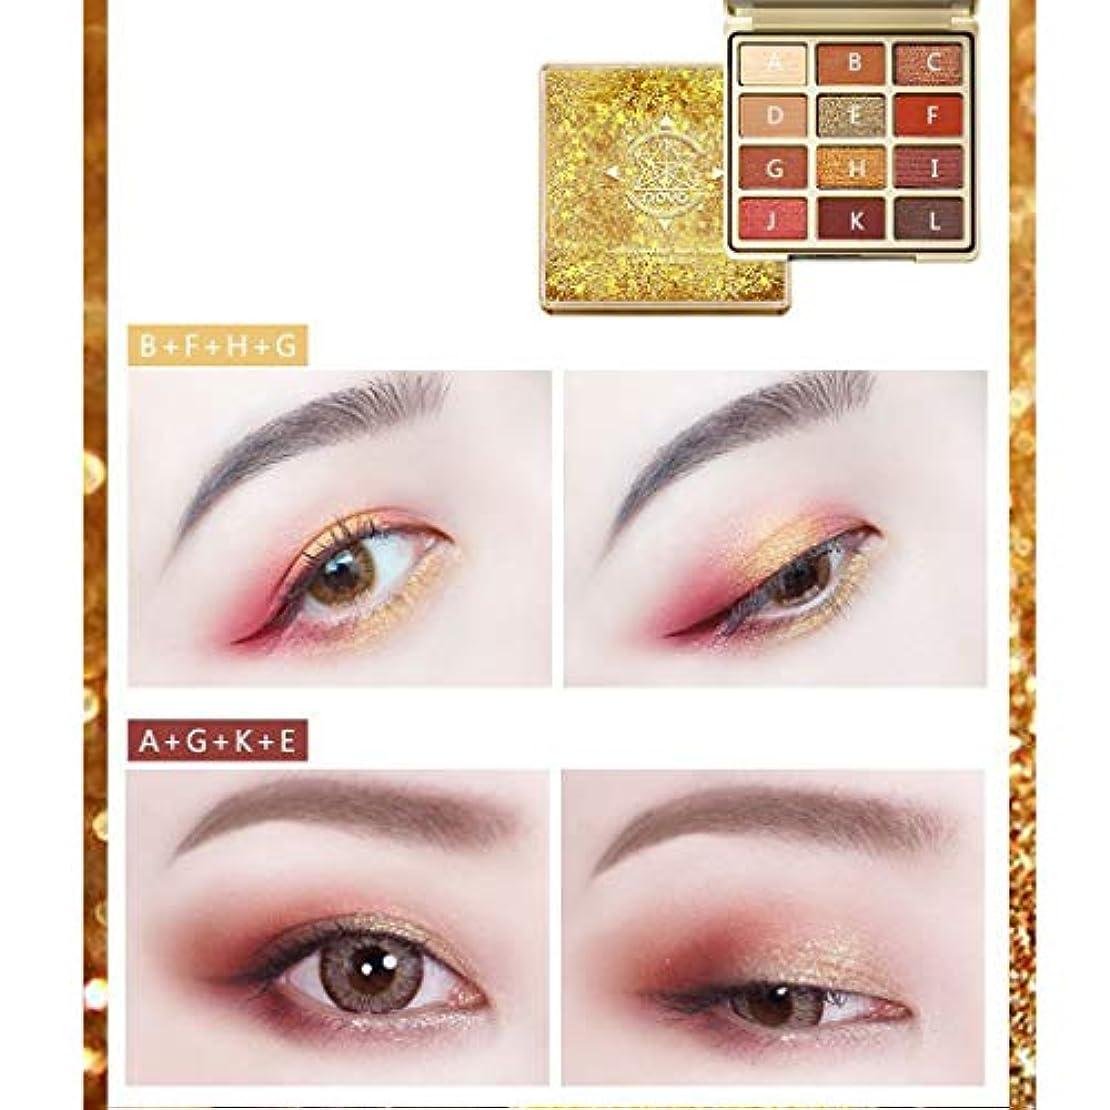 損なう溢れんばかりのジュラシックパークAkane アイシャドウパレット Novo ファッション INS 人気 超綺麗 美しい キラキラ 優雅な 防水 魅力的 高級 可愛い 持ち便利 日常 Eye Shadow (12色) 103